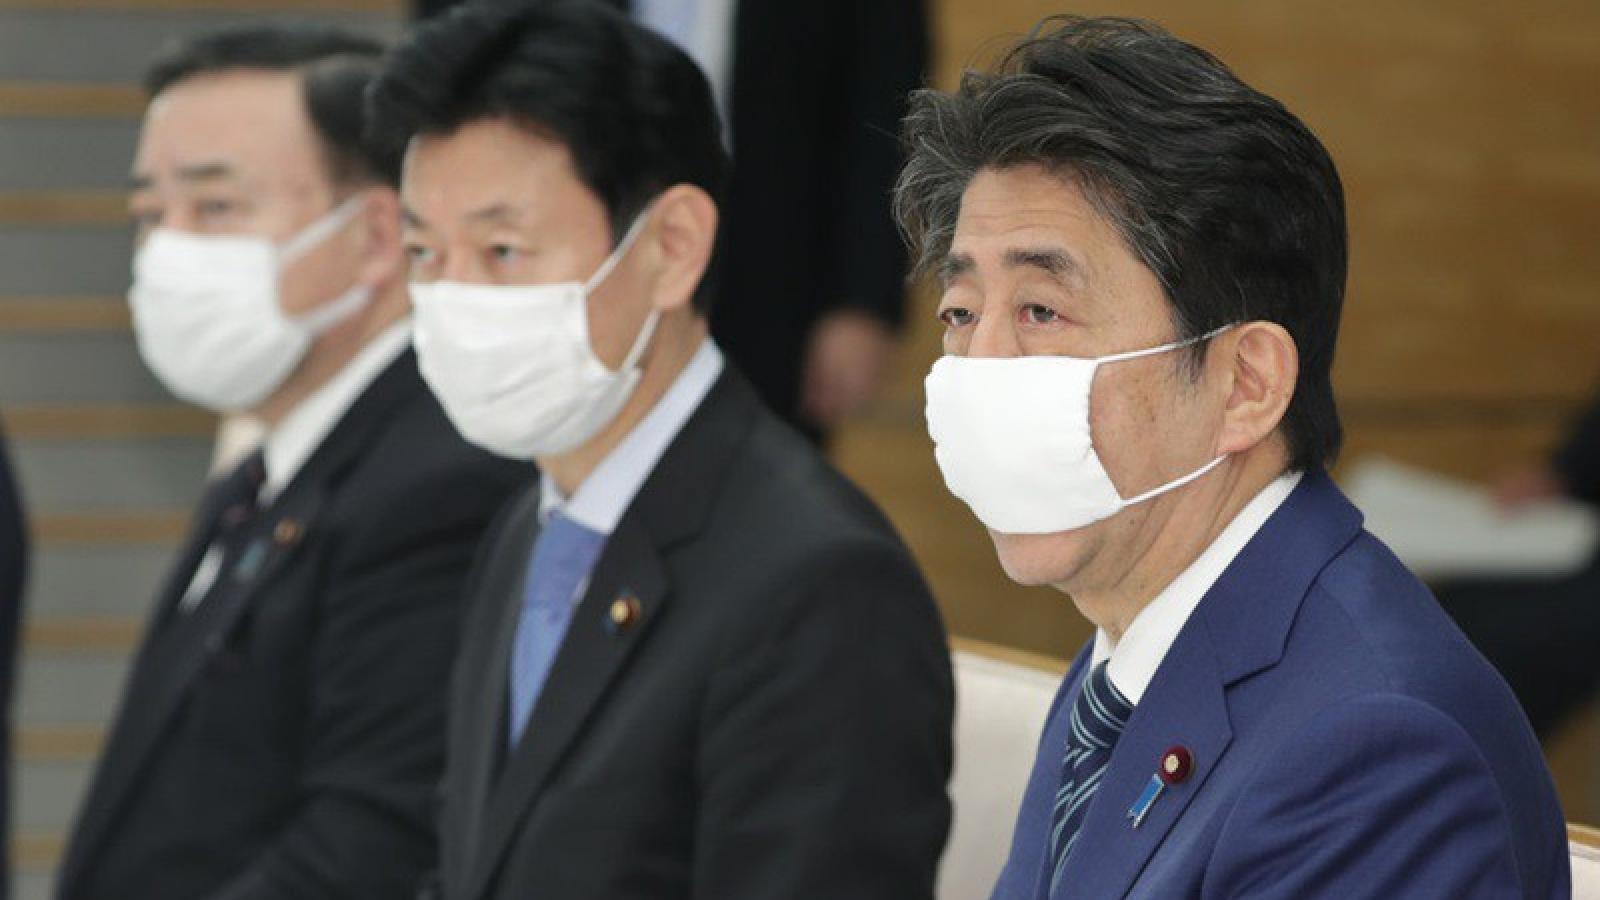 Nhật Bản rất quan tâm đến sức khỏe của lãnh đạo Triều Tiên Kim Jong-un